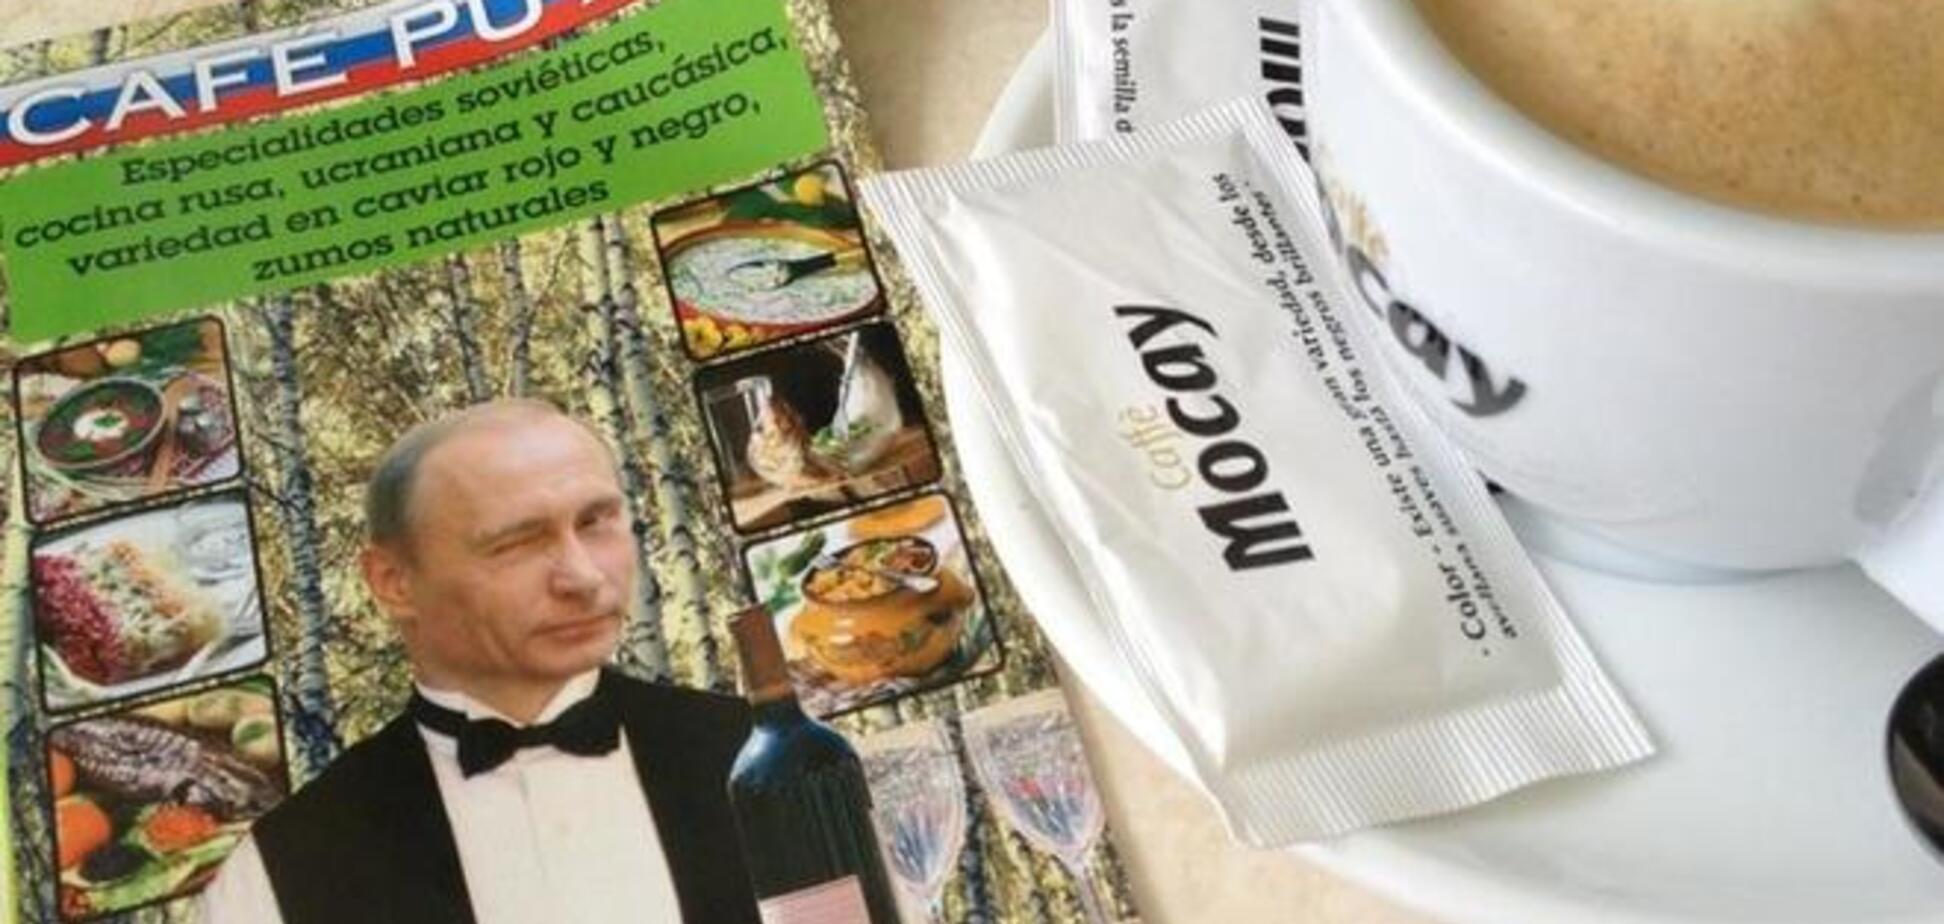 Украинцы в Испании 'переименовали' кафе 'Путин'